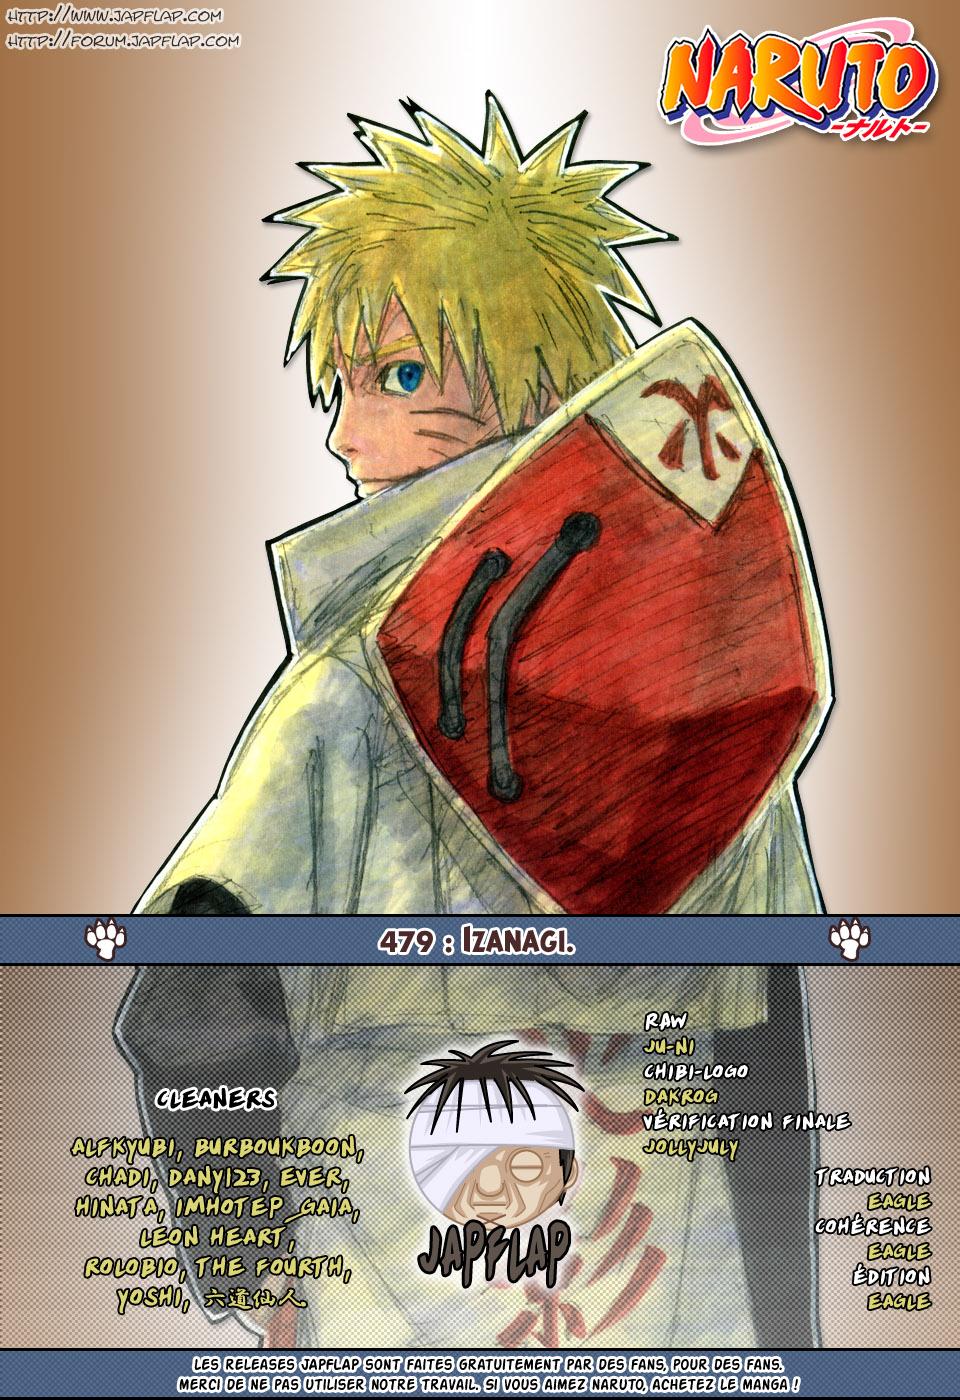 Naruto chapitre 479 - Page 16